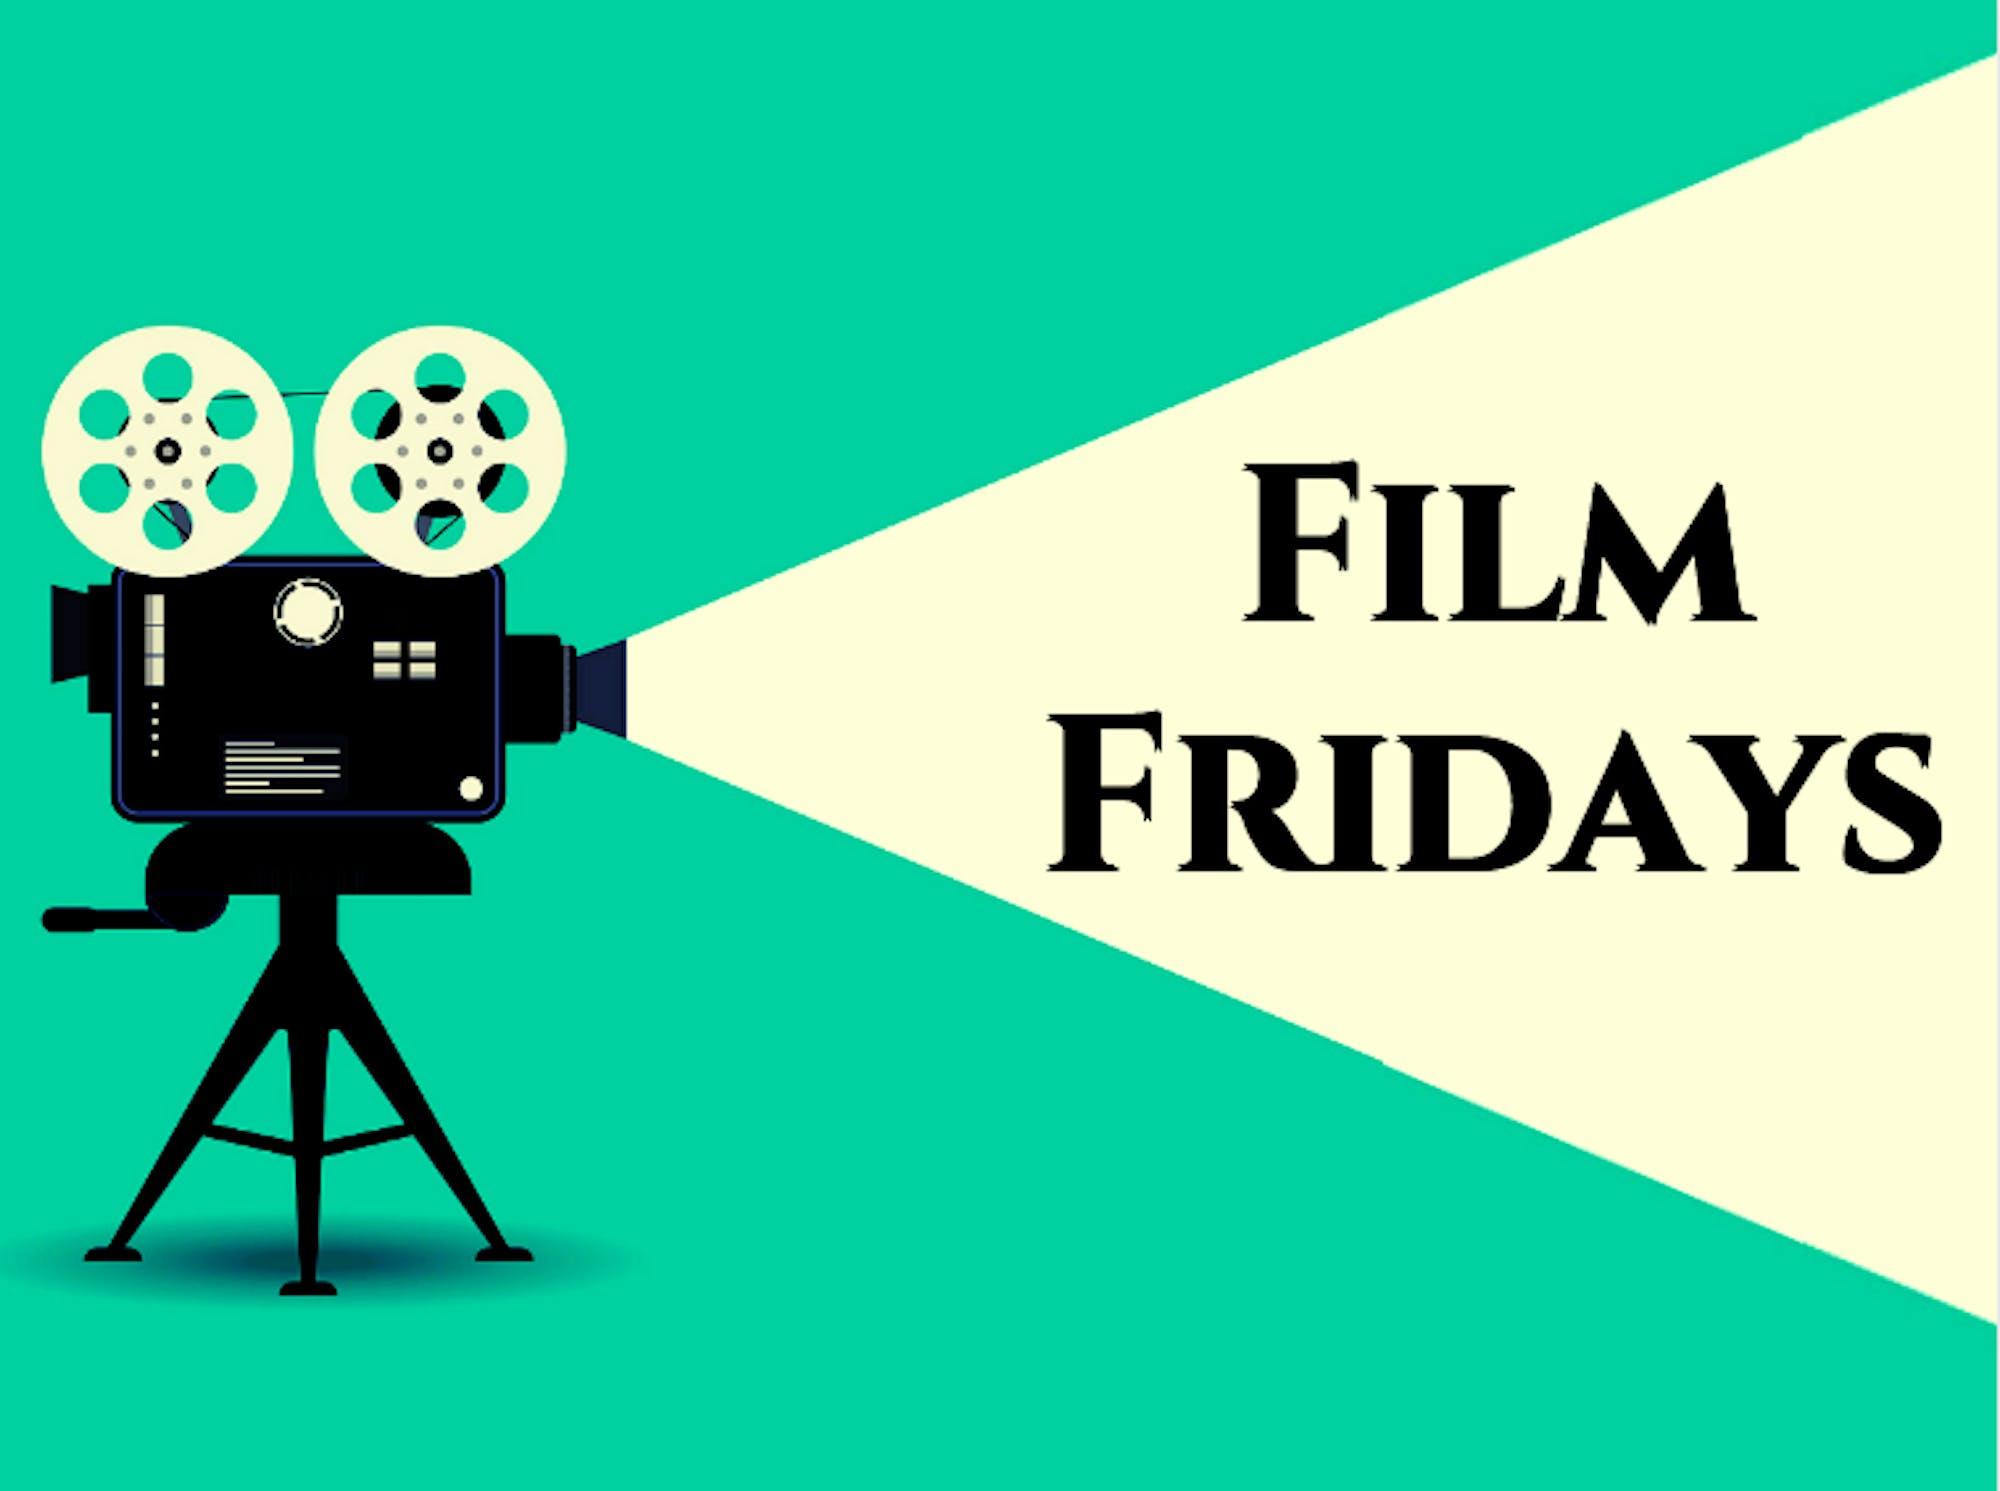 filmfridaysgraphic